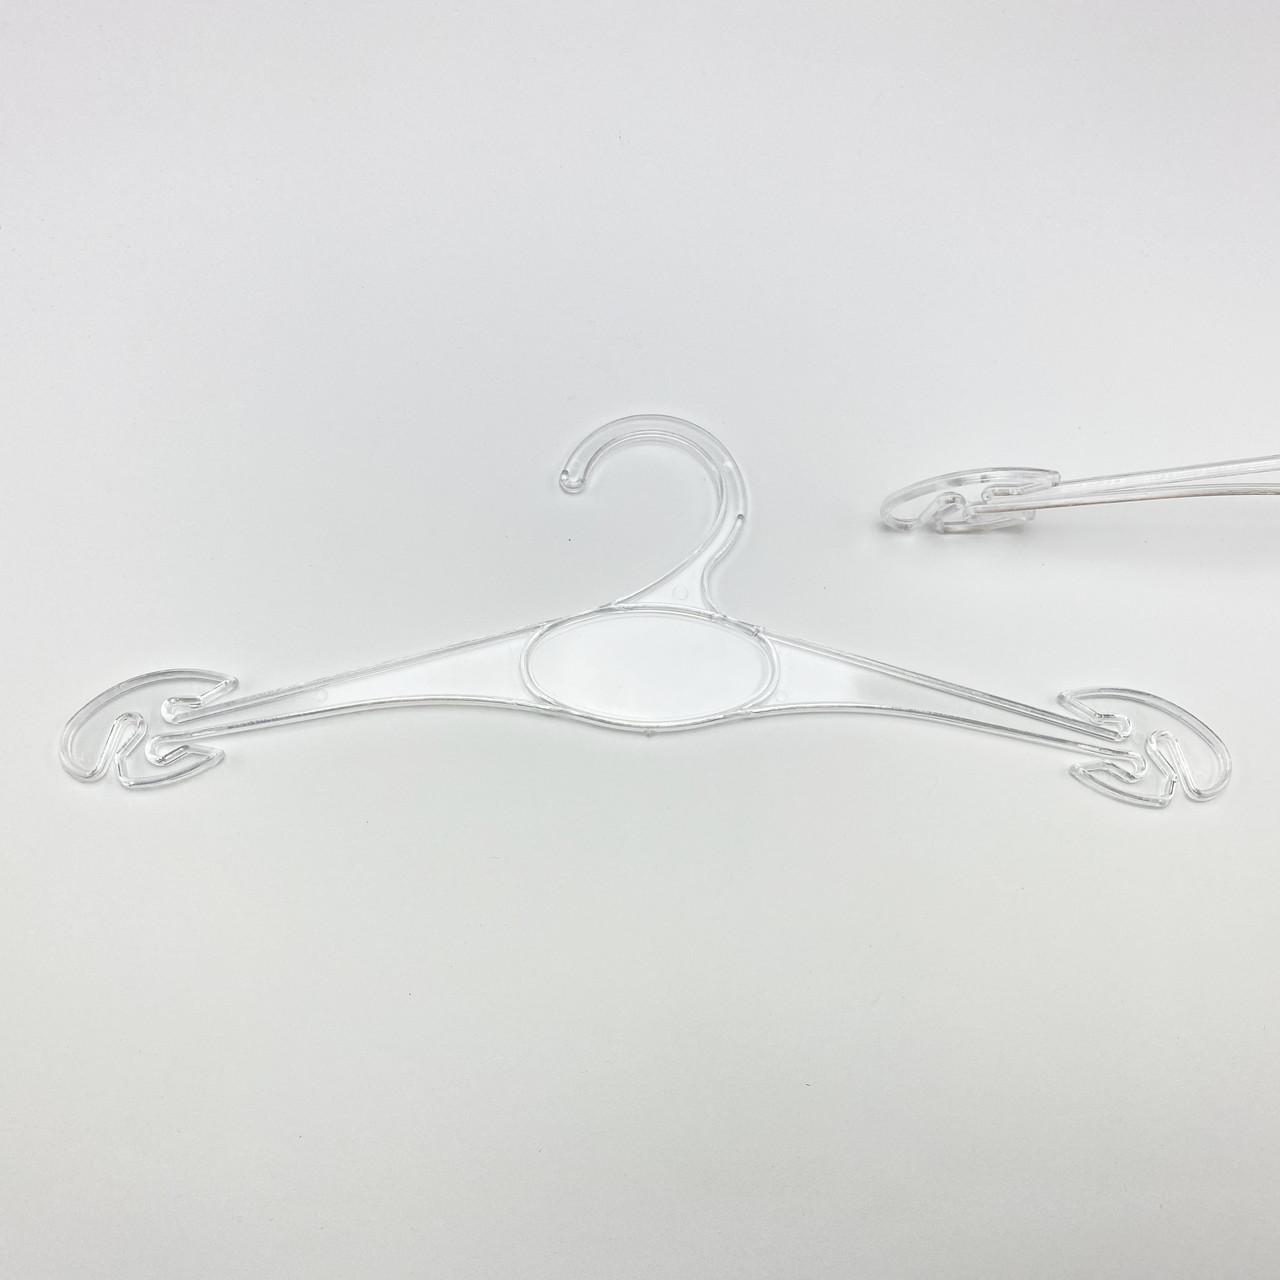 Плечики для нижнего белья 10 шт. прозрачного цвета W-N30, длина 300 мм